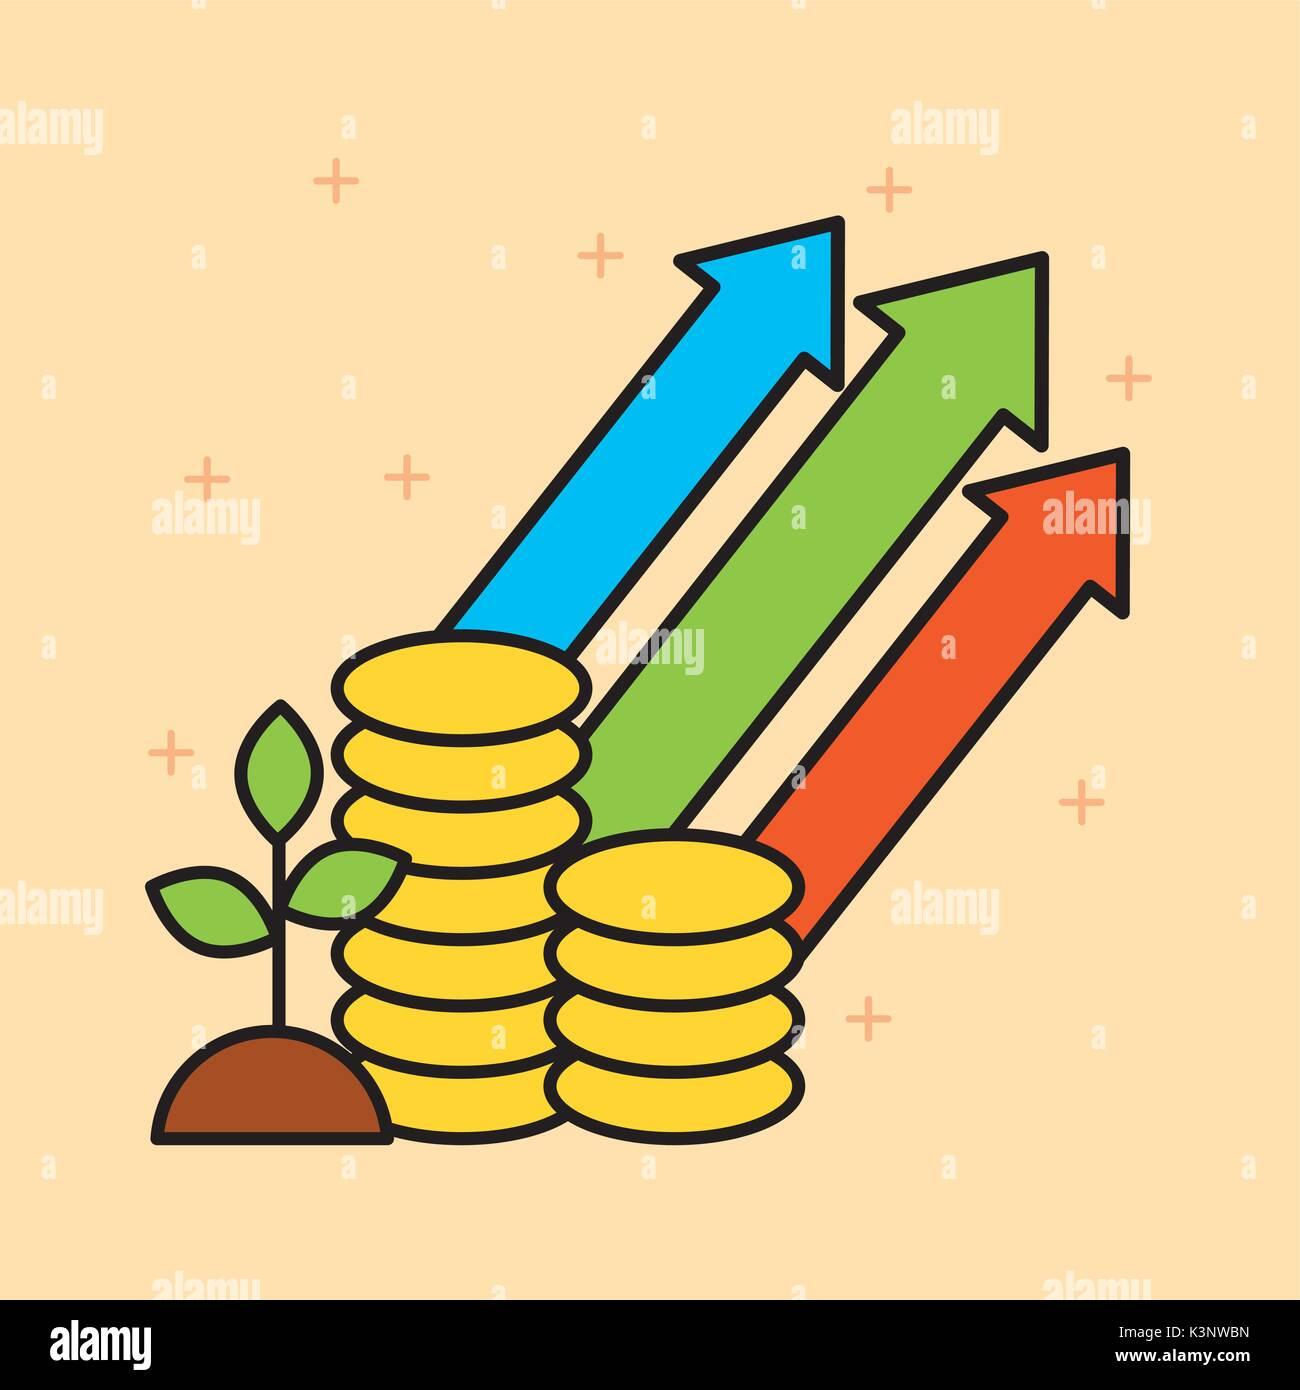 Conjunto de finanzas y crecimiento del negocio invertir conceptos Imagen De Stock